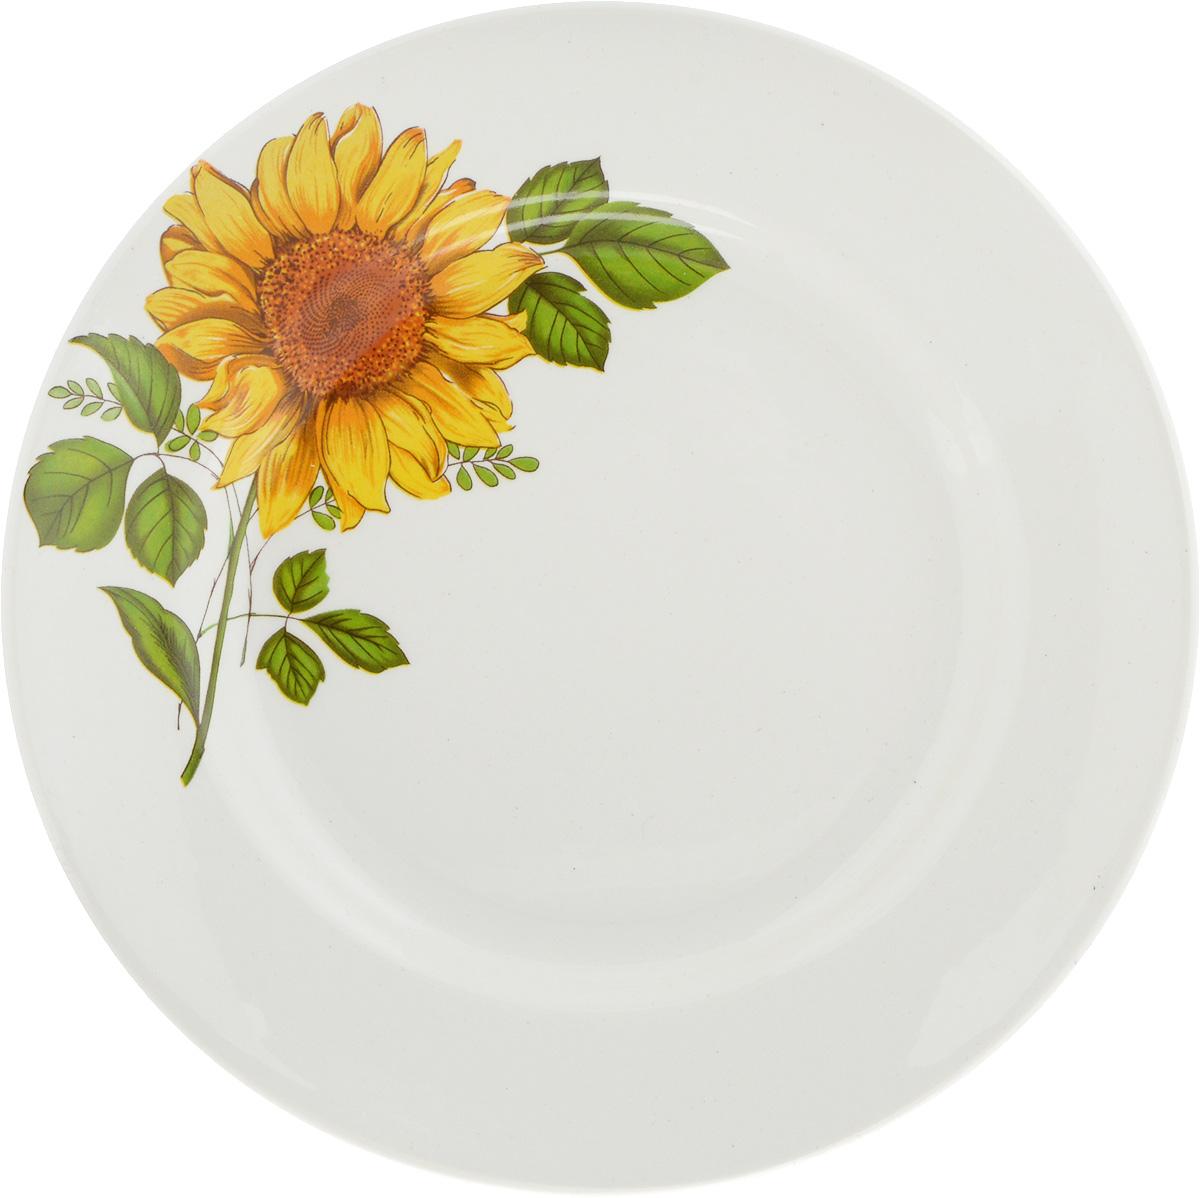 Тарелка десертная Кубаньфарфор Подсолнух, диаметр 17,5 см057_ПодсолнухДесертная тарелка Кубаньфарфор Подсолнухи, изготовленная из фаянса с глазурованным покрытием, декорирована изображением подсолнуха. Такая тарелка украсит сервировку вашего стола и подчеркнет прекрасный вкус хозяина, а также станет отличным подарком.